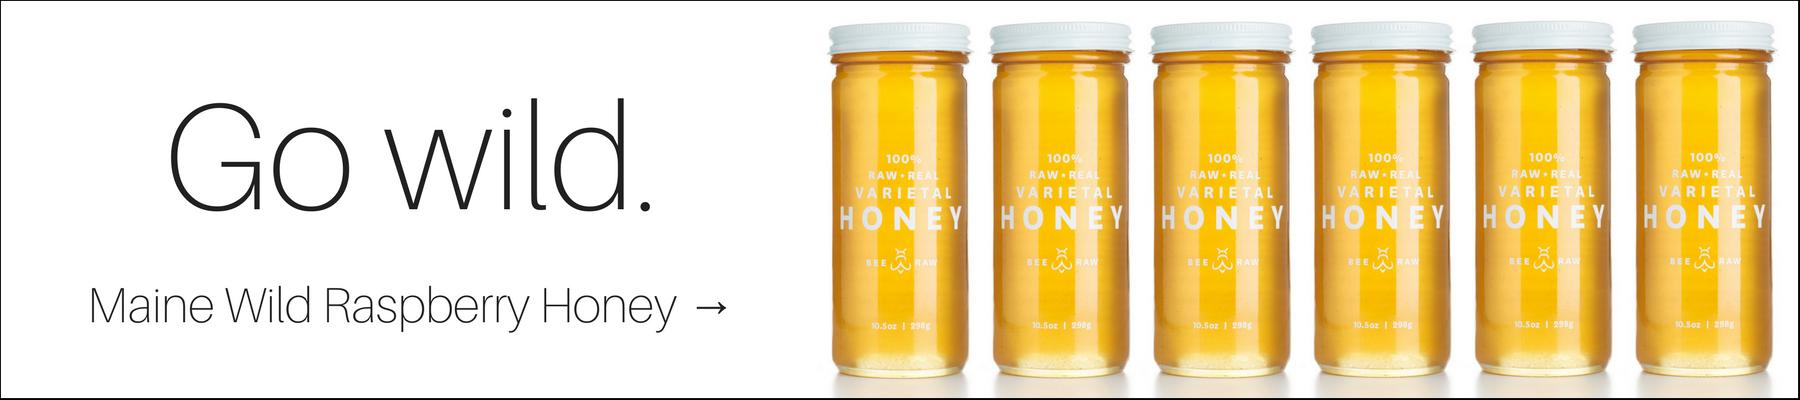 Stock up on Wild Raspberry Honey